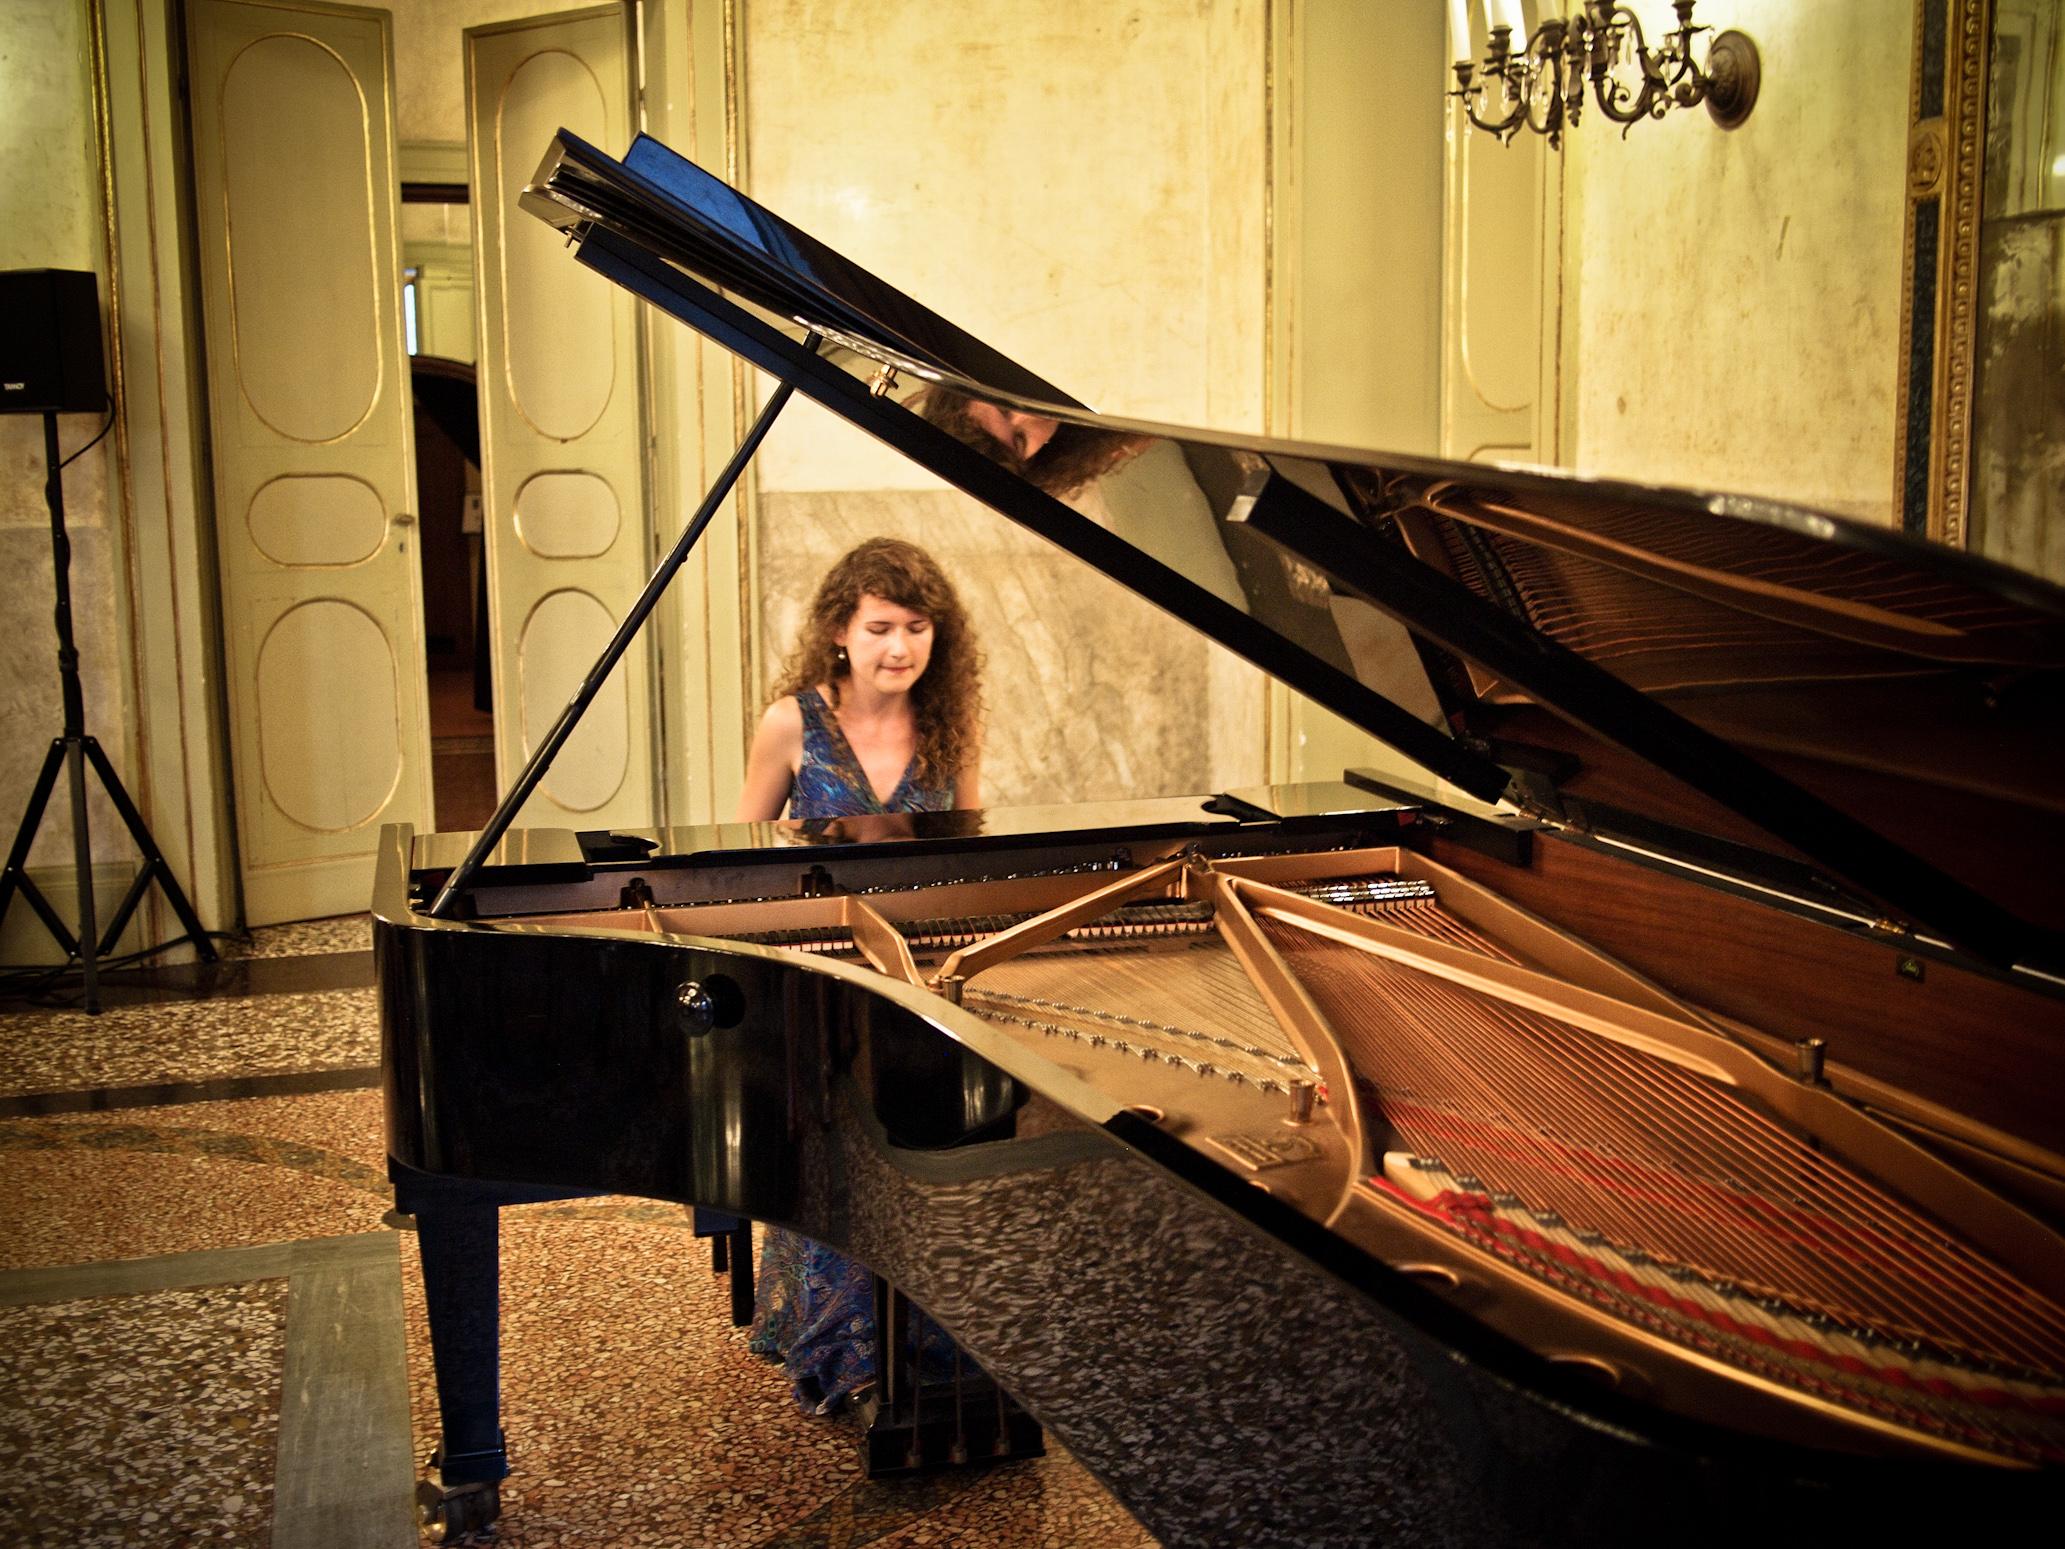 Joanna Rozewska, Poland